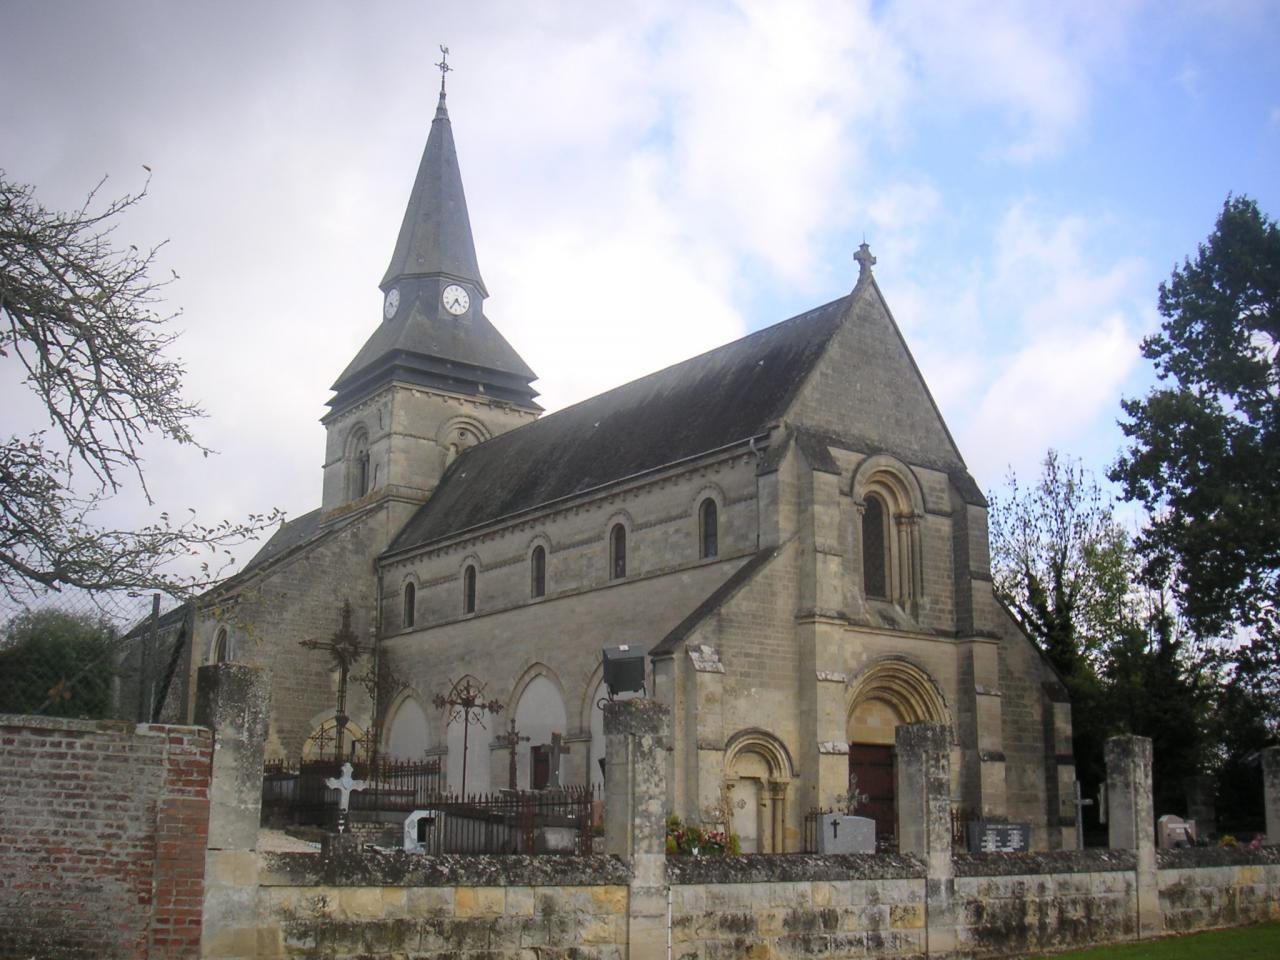 Quel est le style architectural de l'église de Falvy (12e siècle) ?